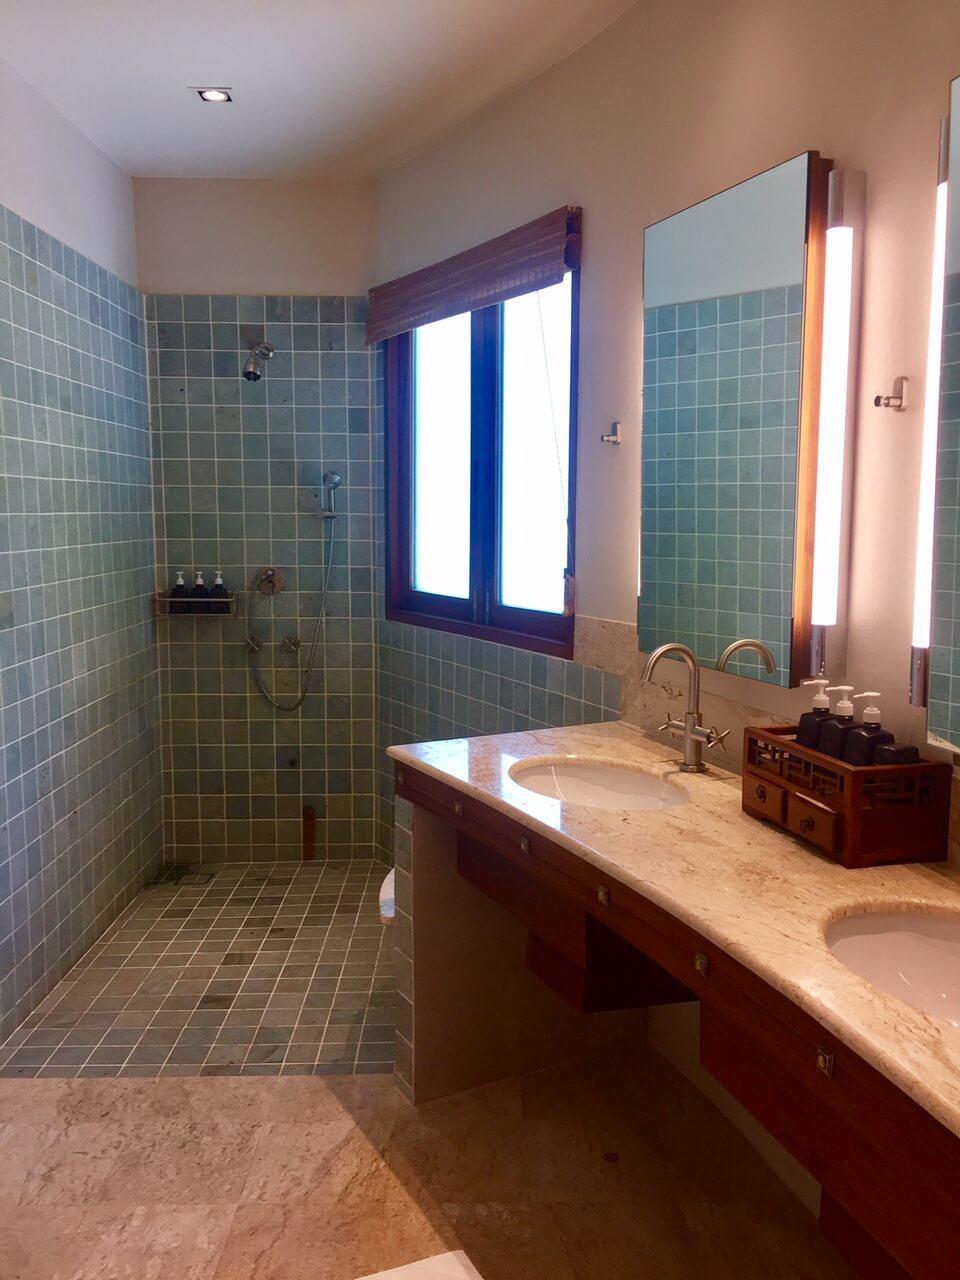 kamlaya bathroom suite